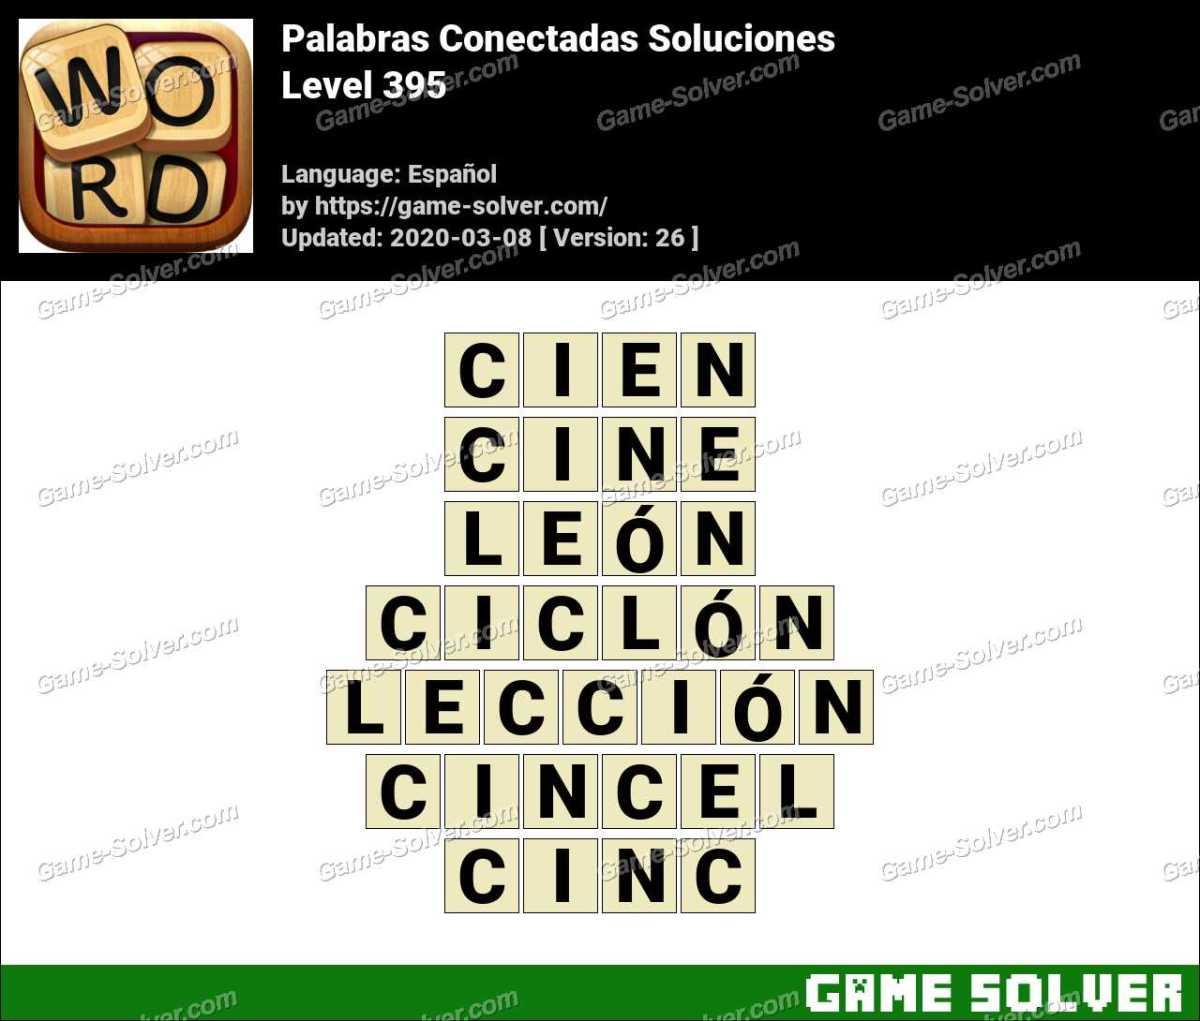 Palabras Conectadas Nivel 395 Soluciones